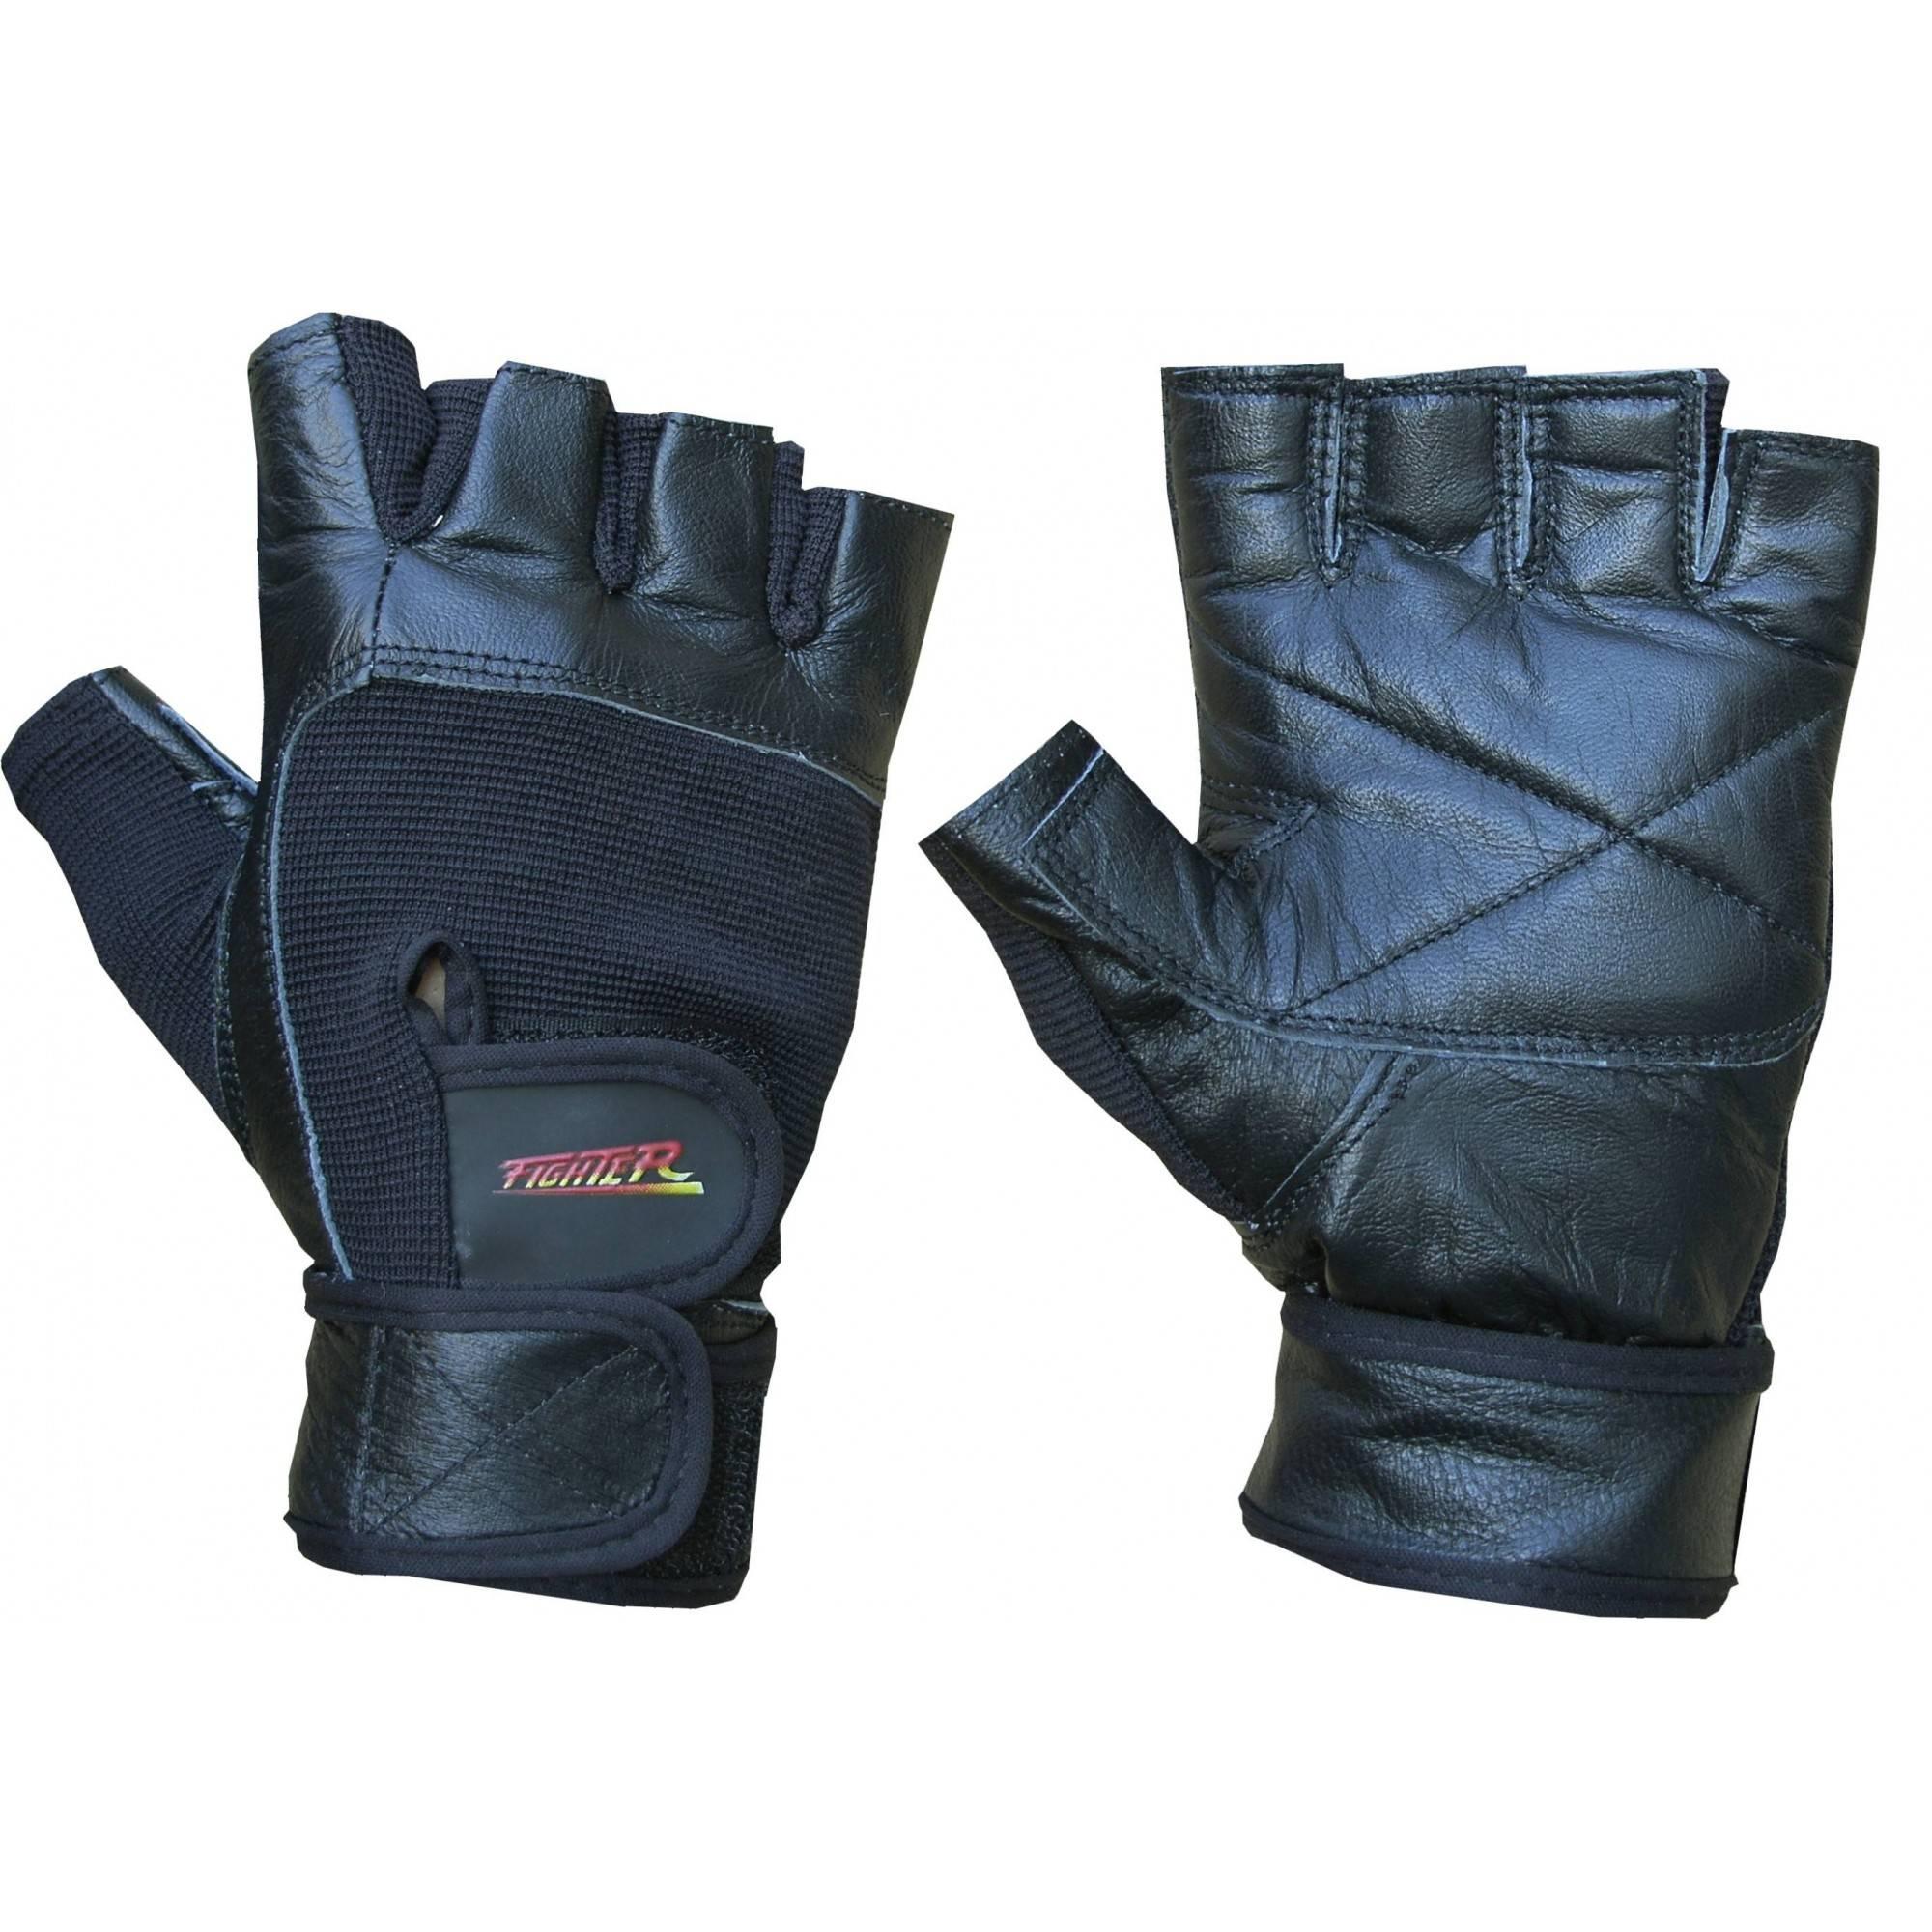 Rękawiczki kulturystyczne skórzane F5 FIGHTER czarne FIGHTER - 1 | klubfitness.pl | sprzęt sportowy sport equipment